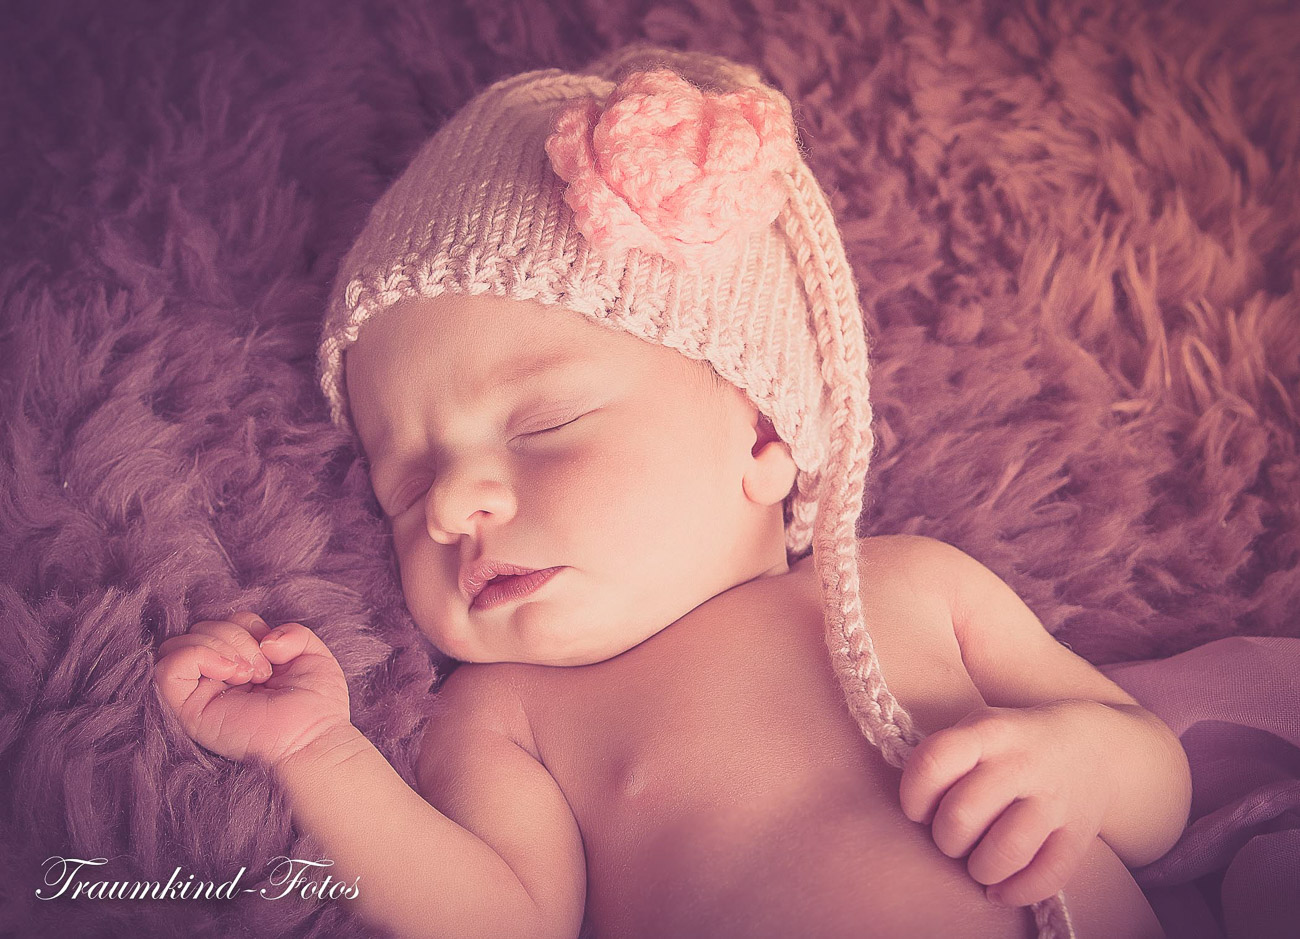 Traumkind Fotos Neugeborenen Fotos Essen 8 - Babyfotos